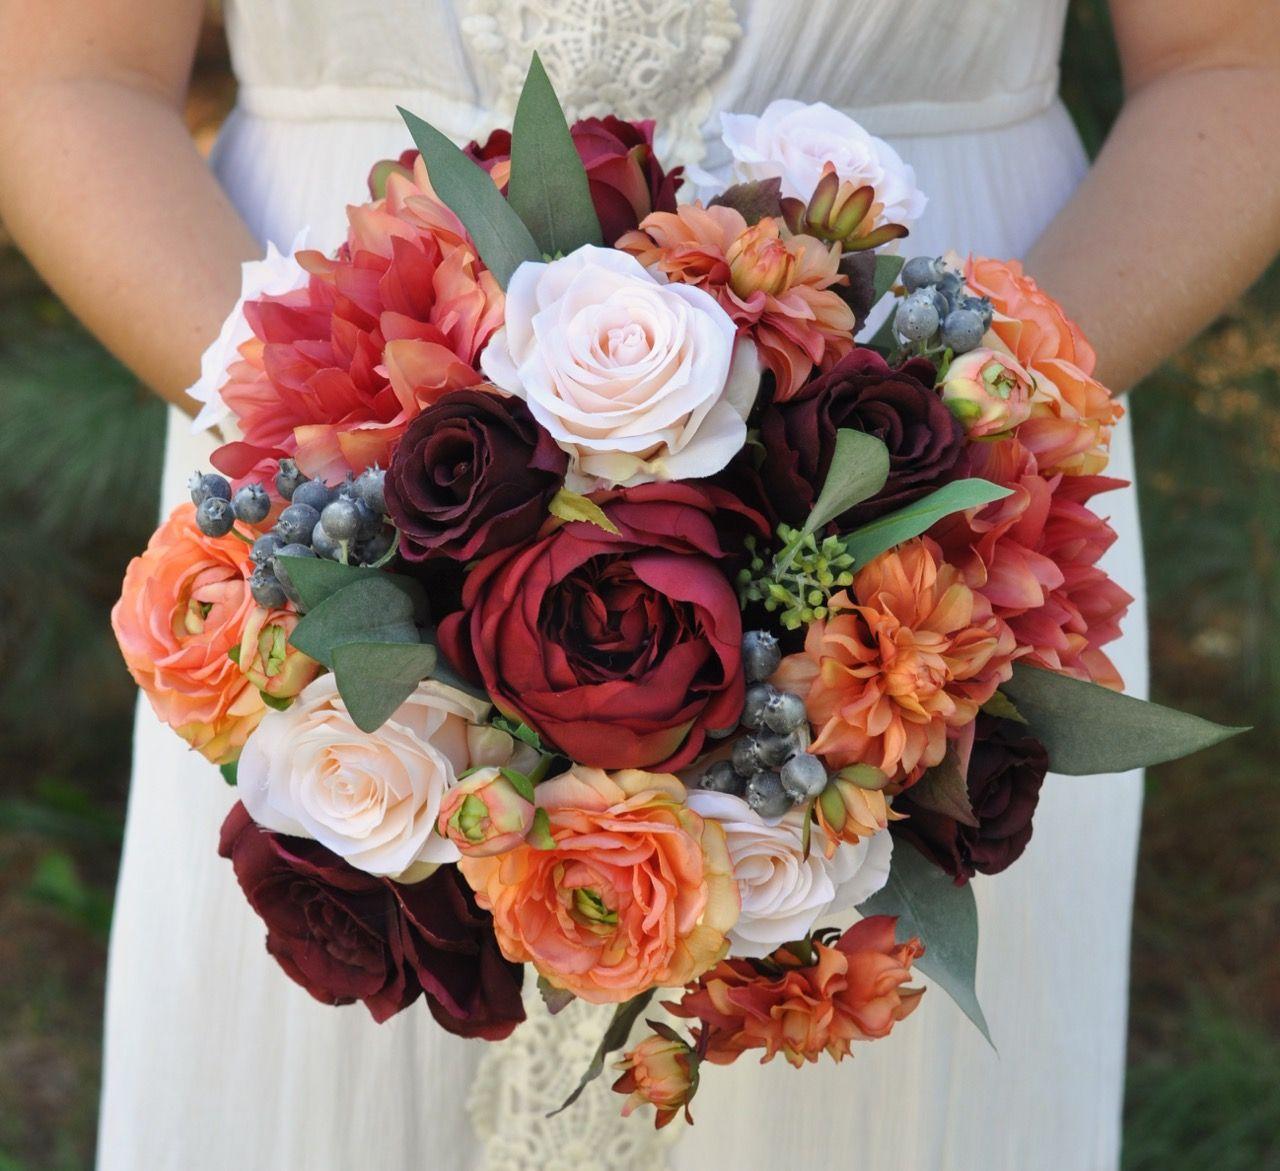 Silk wedding flower bouquet by hollys wedding flowers flowers silk wedding flower bouquet by hollys wedding flowers flowers supplied by izmirmasajfo